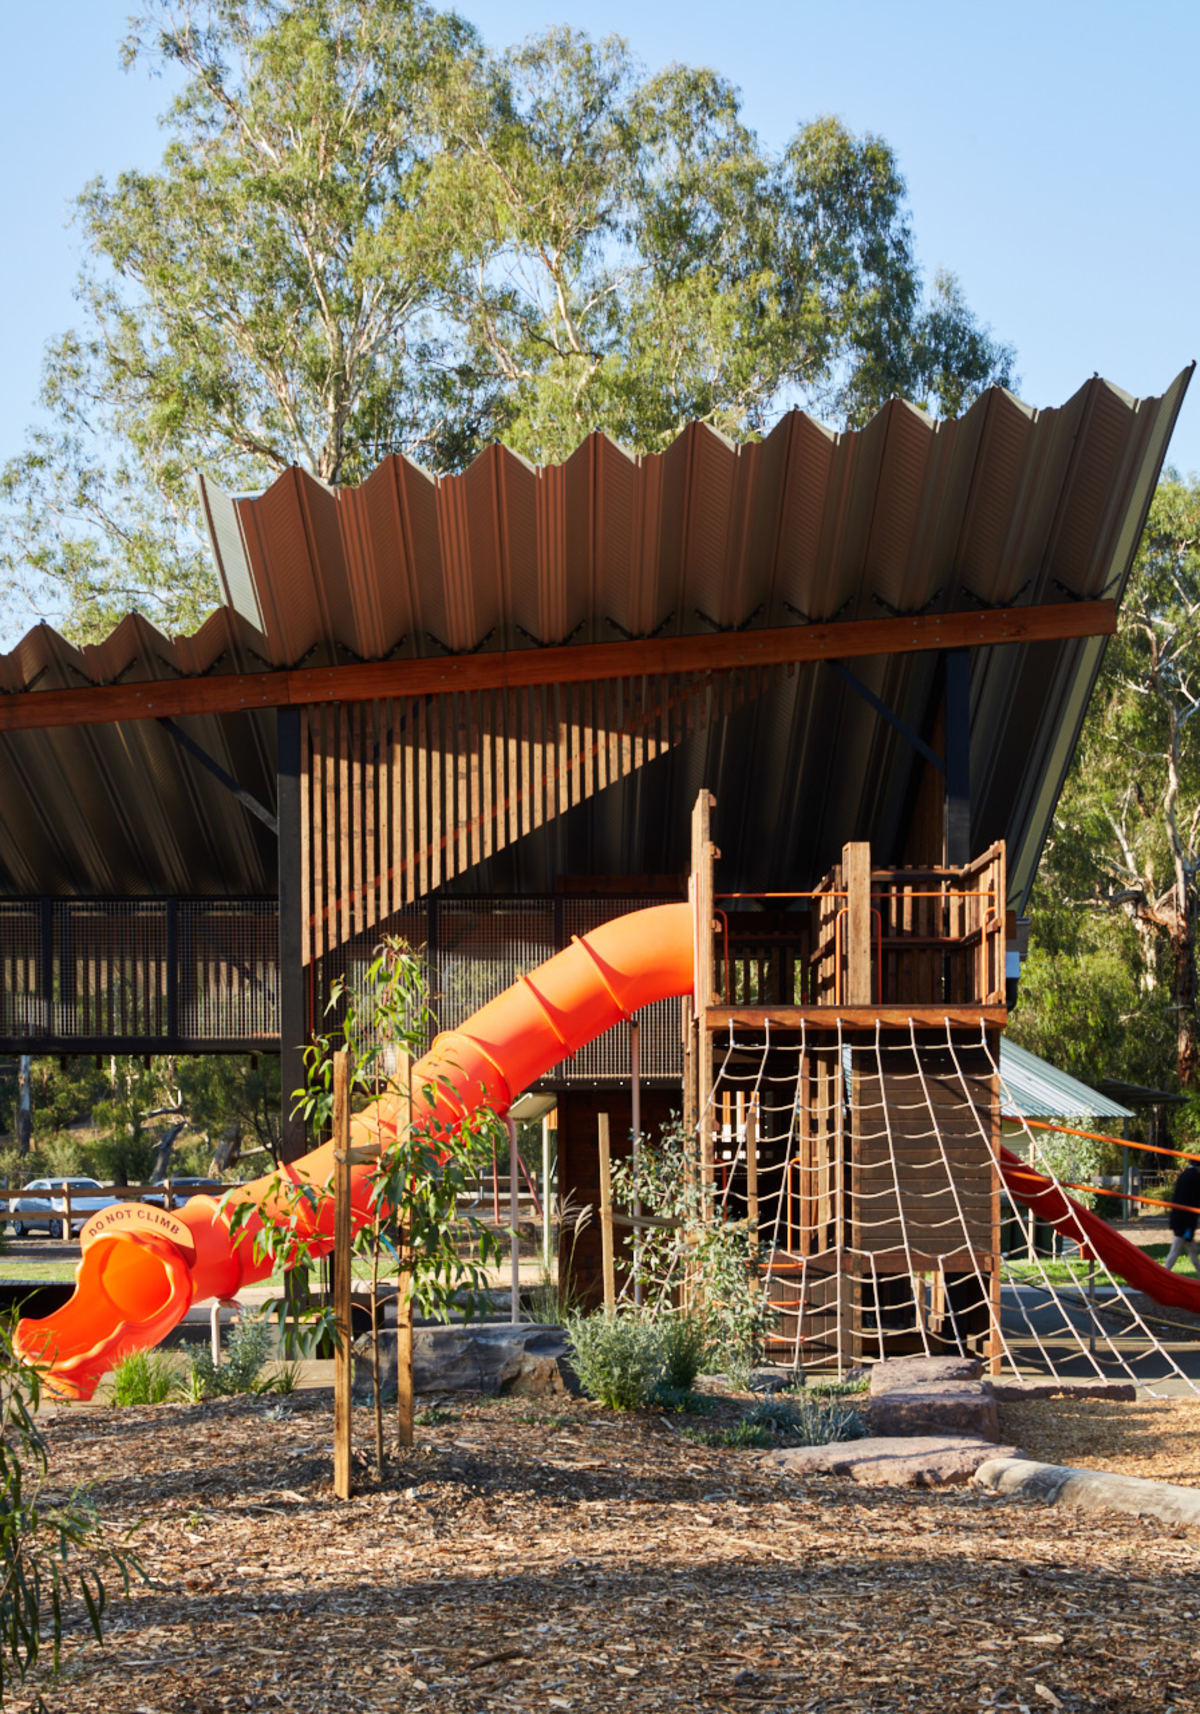 Children's playground in Melbourne